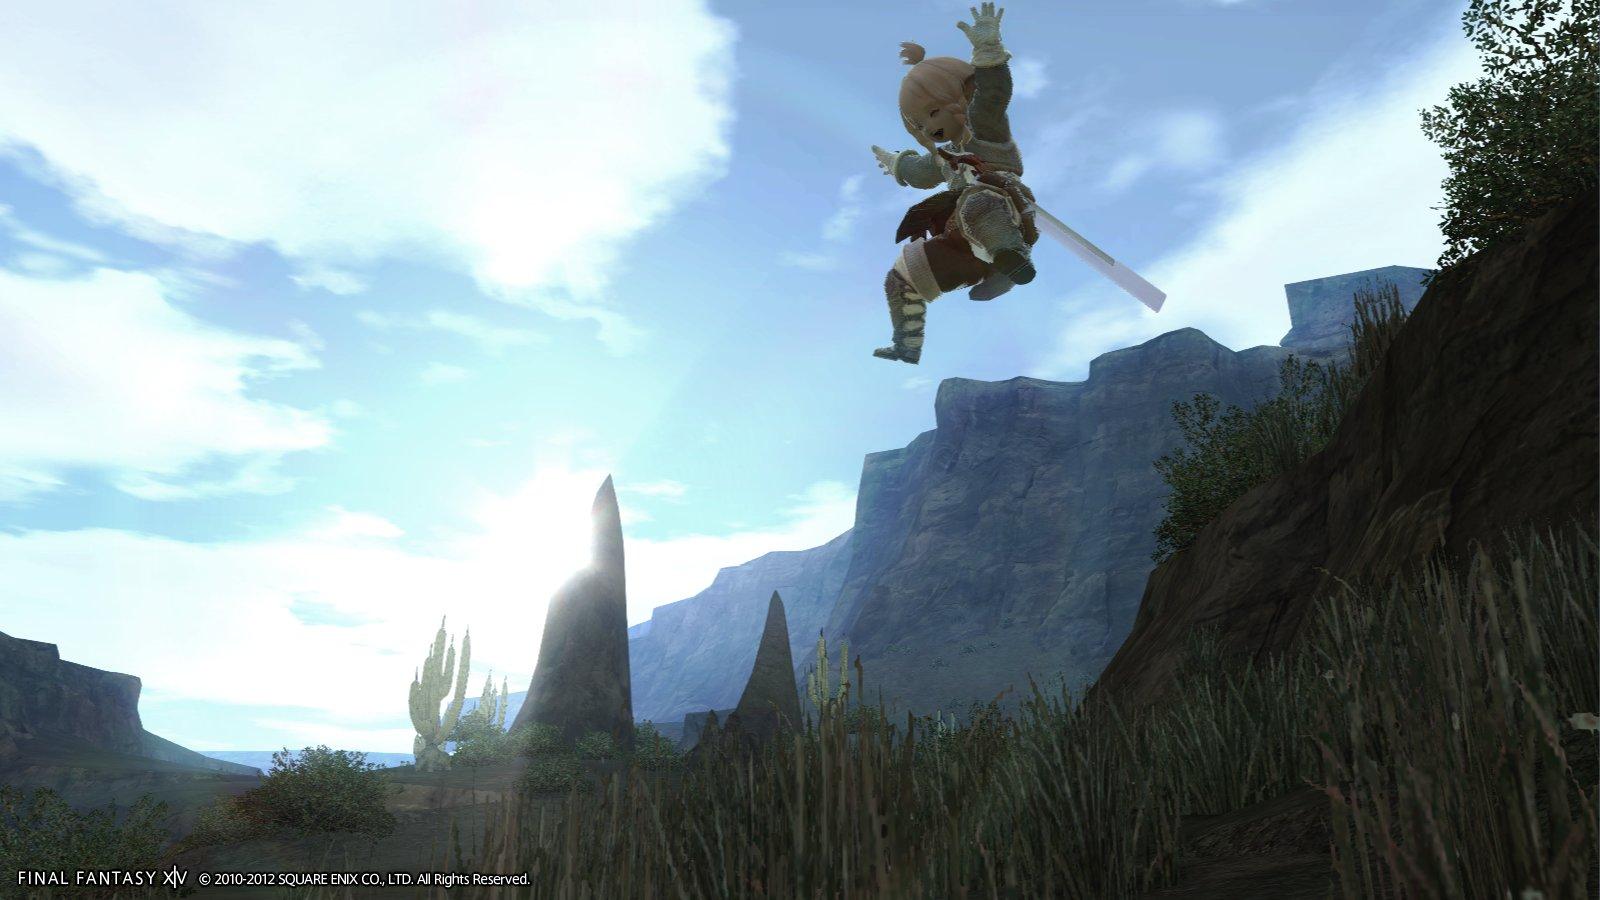 ララフェルのジャンプ。笑顔が可愛らしい